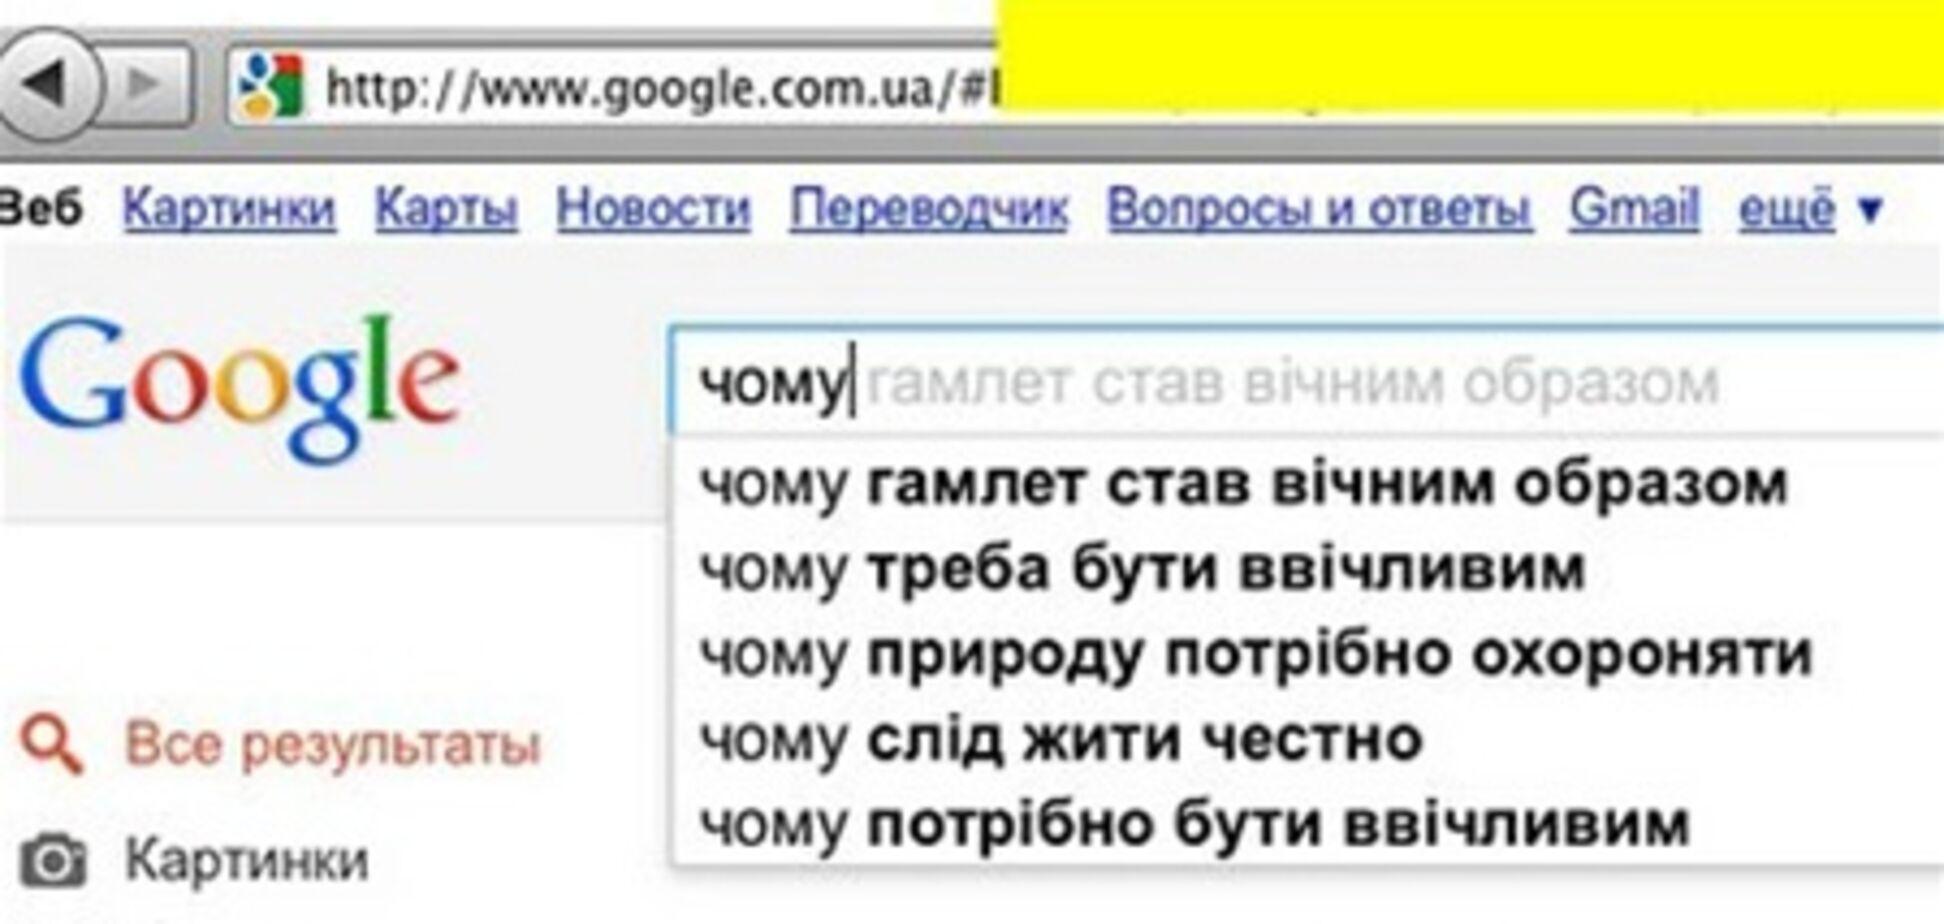 Украинцы и россияне задают разные вопросы 'почему' поисковику Google